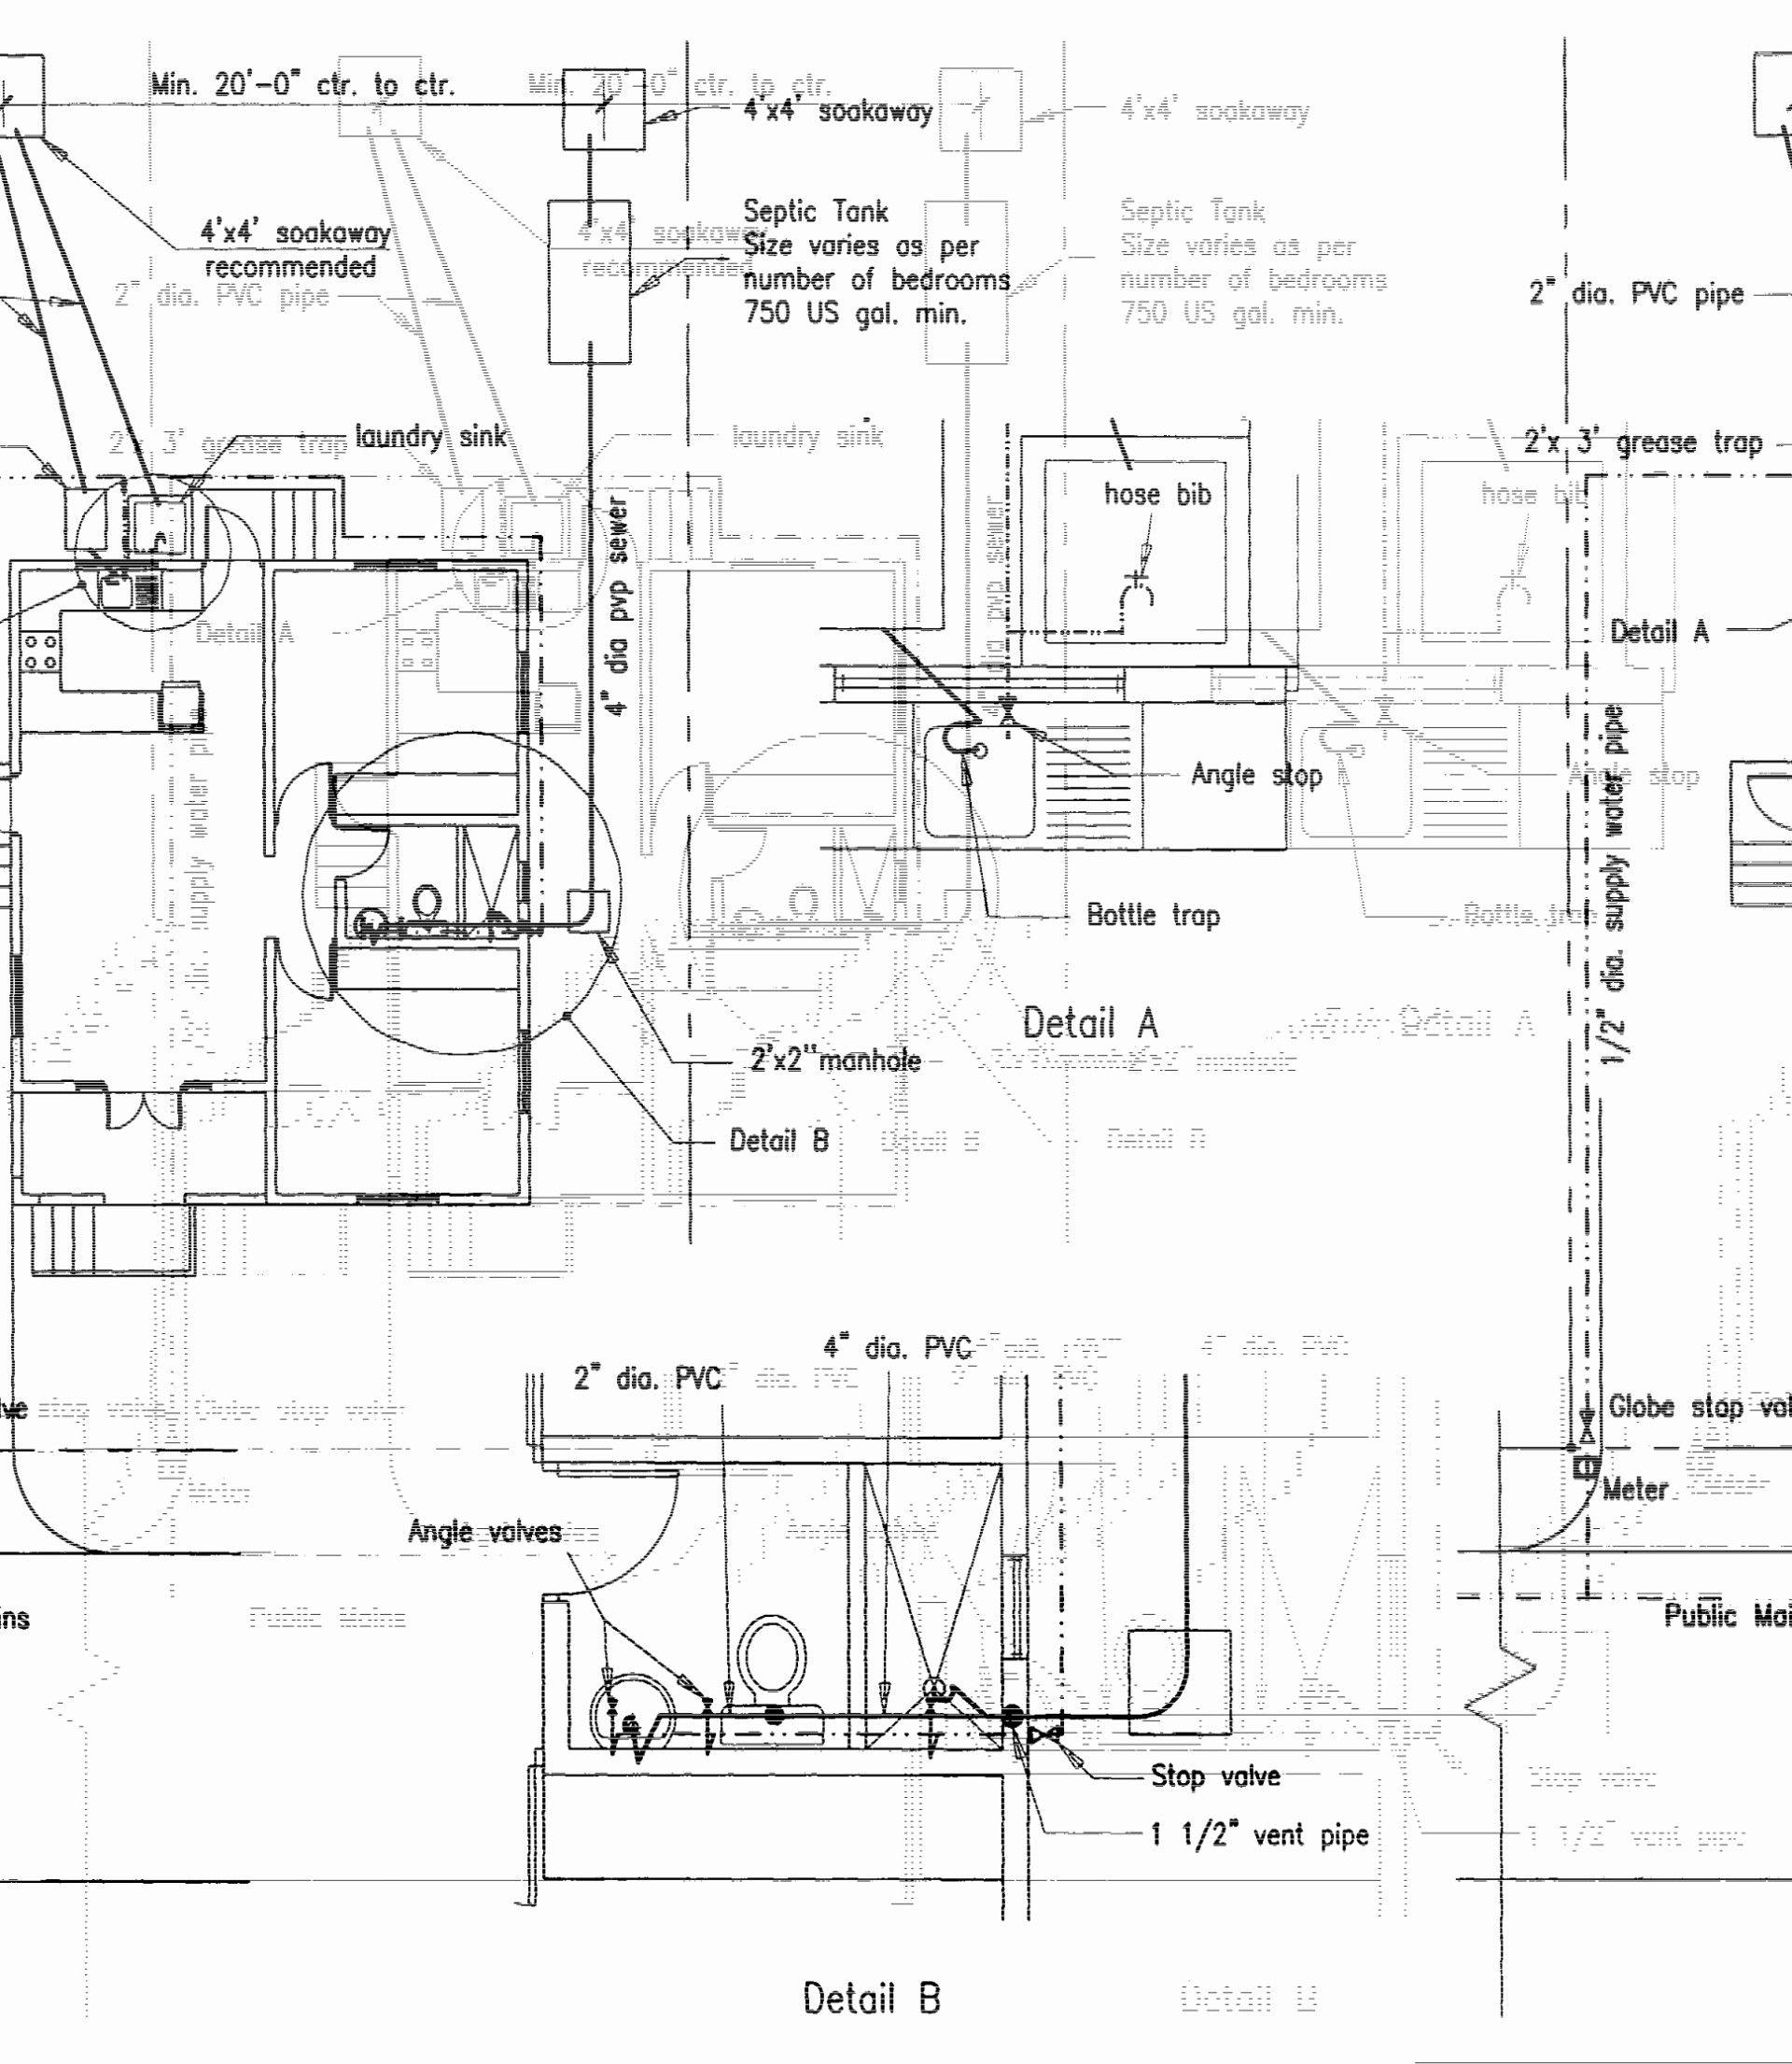 Unique Electrical Riser Diagram Template Diagram